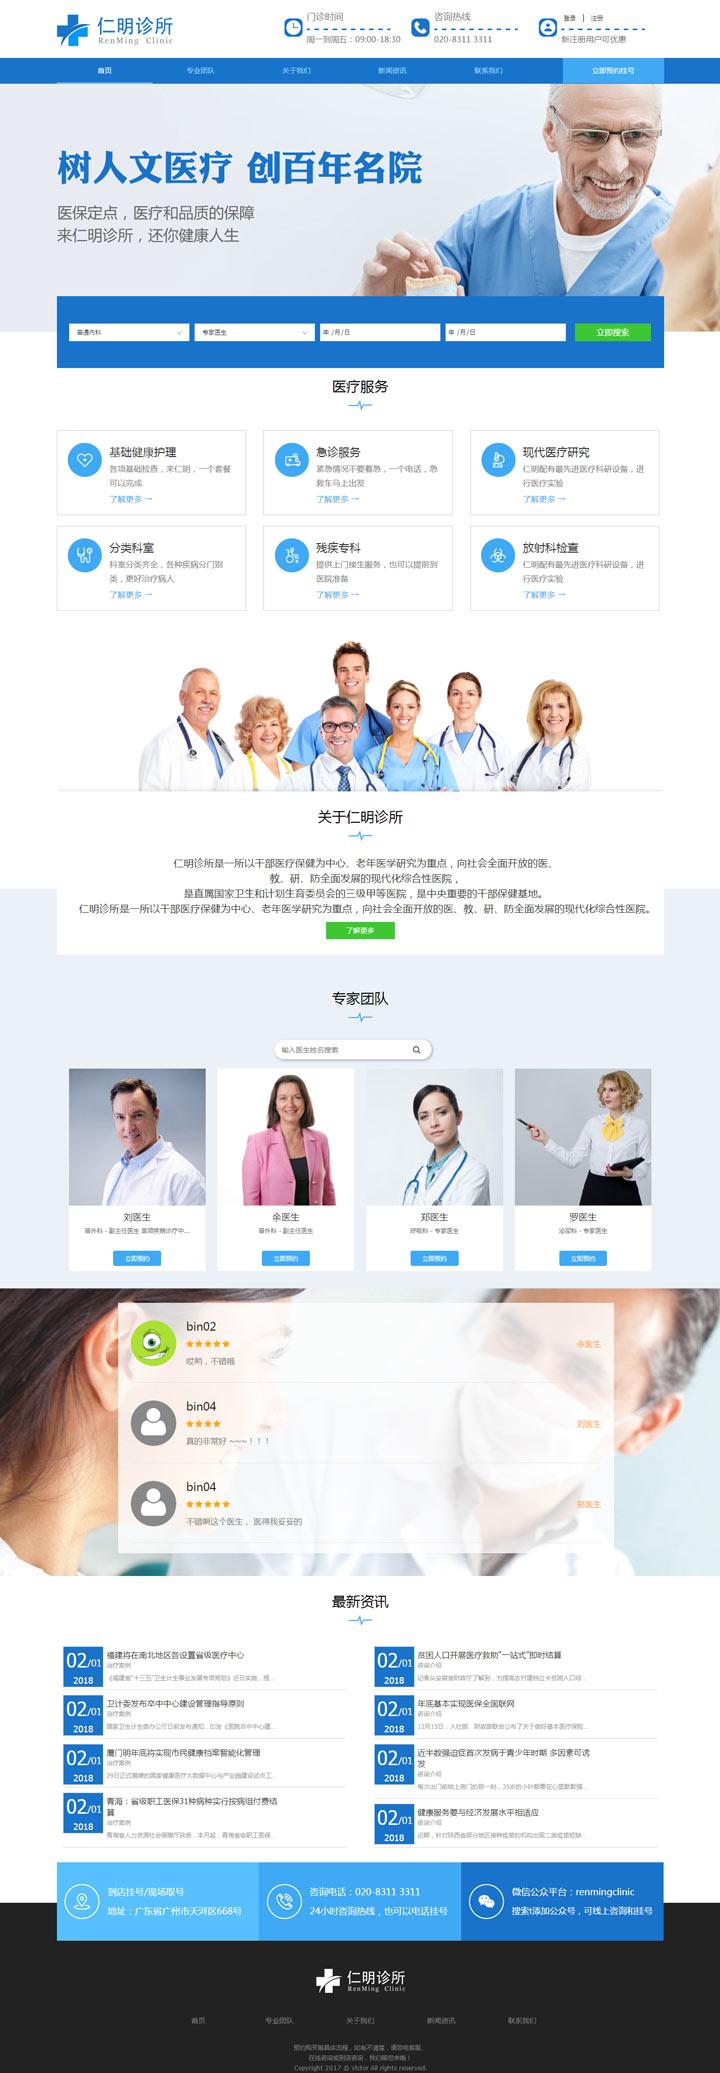 仁民诊所医院预约模板